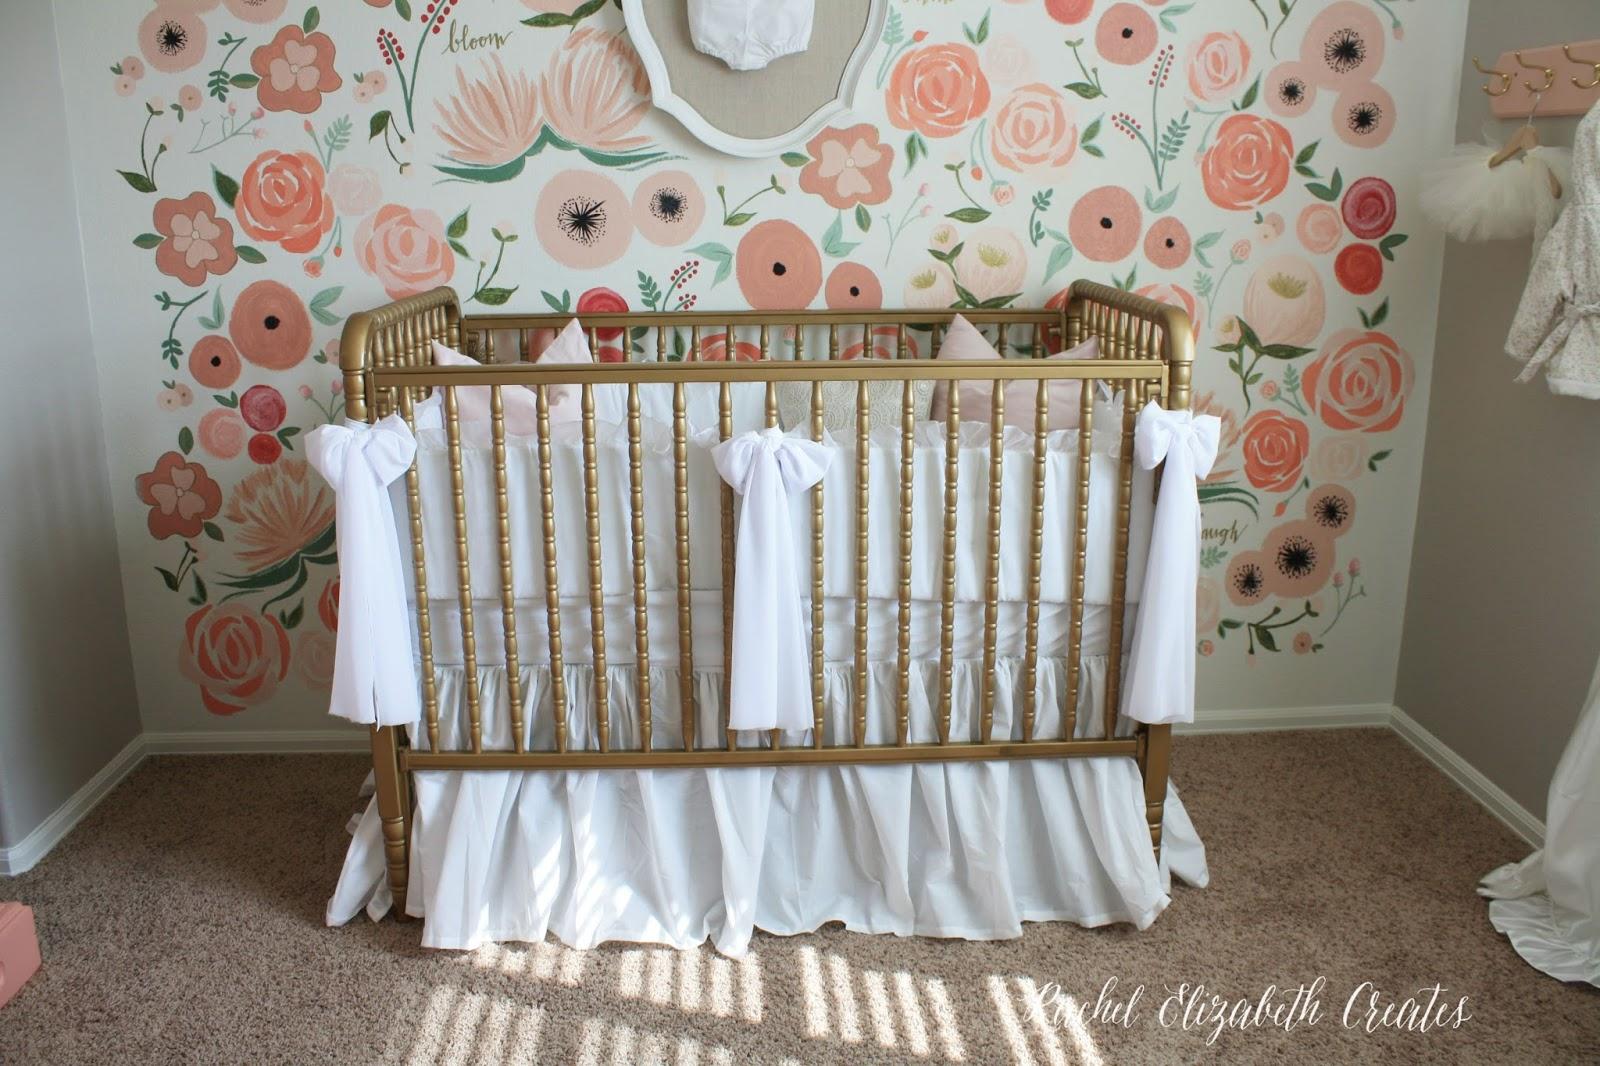 baby girl nursery hand painted floral wall mural rachel img 6185 282 29 jpg